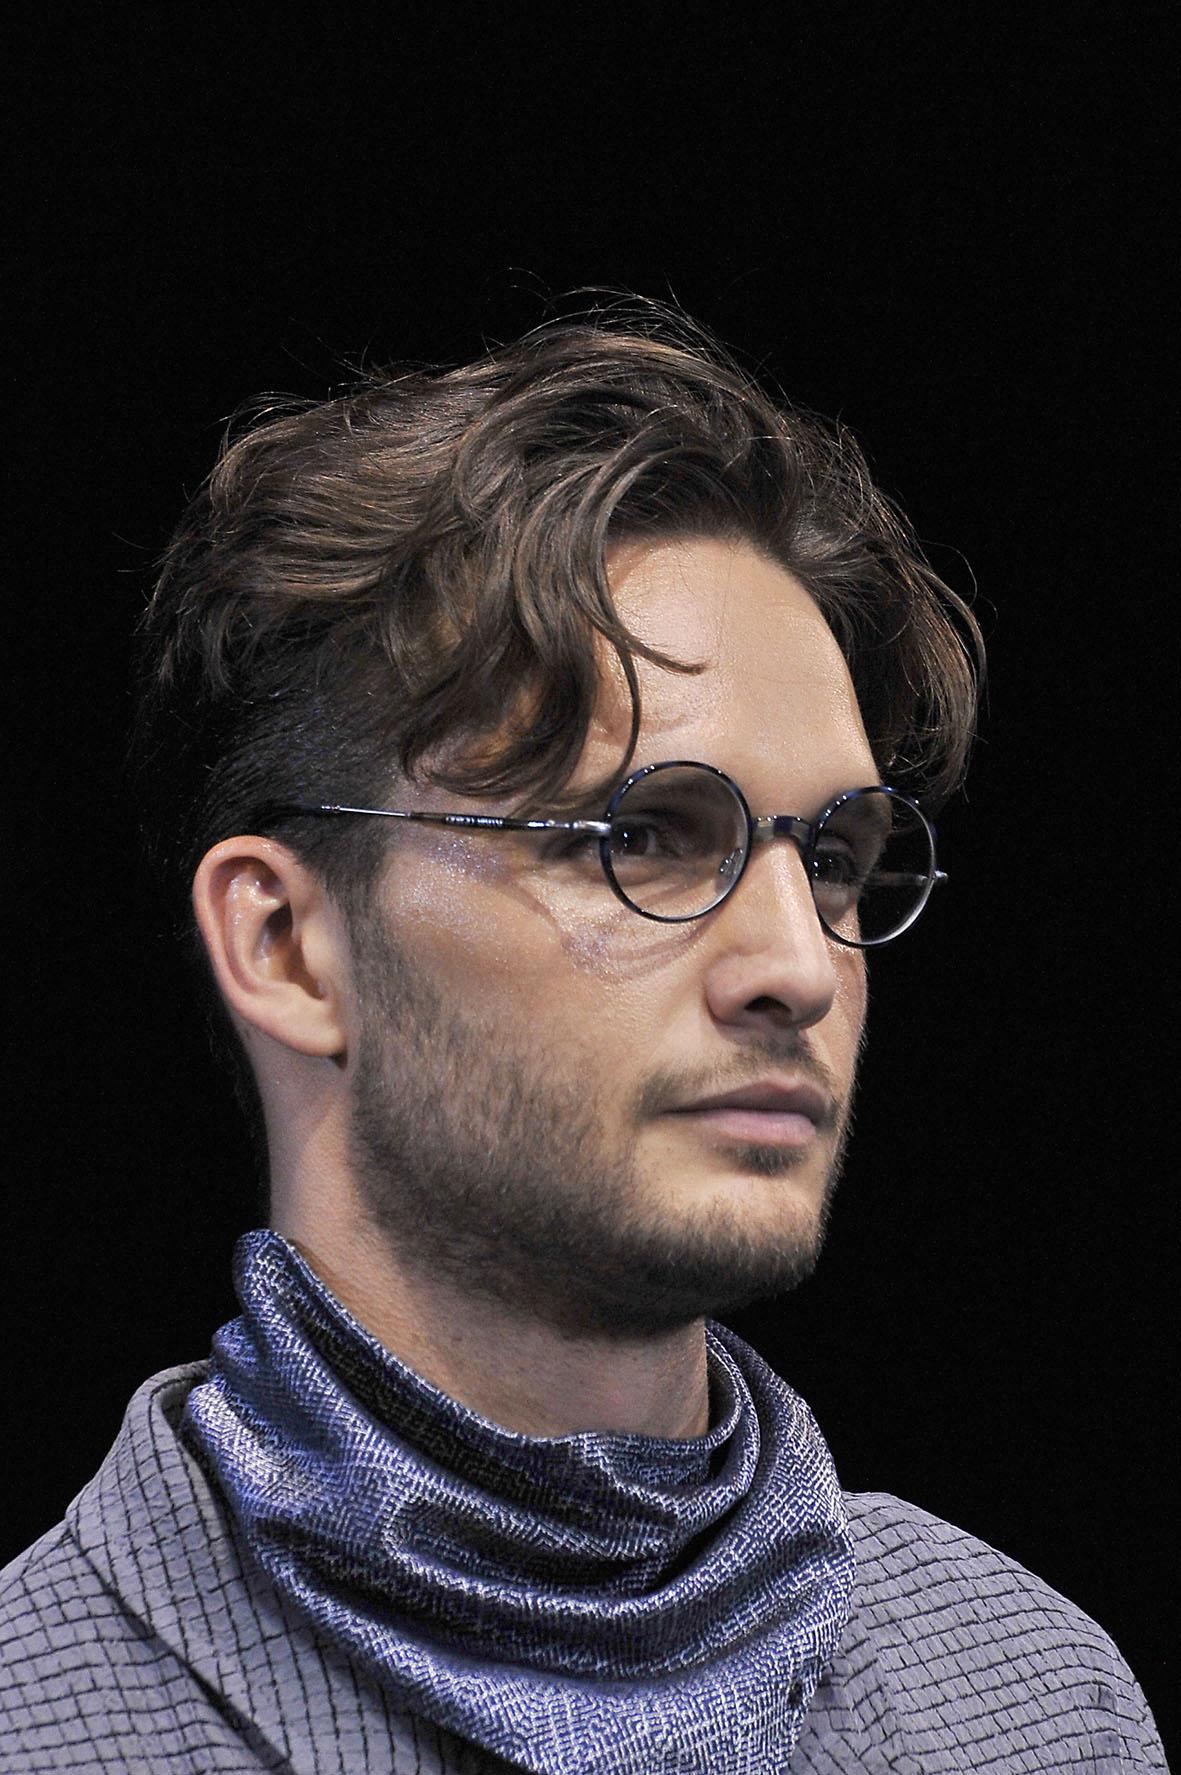 giorgio-armani-menswear-ss17_eyewear-close-up